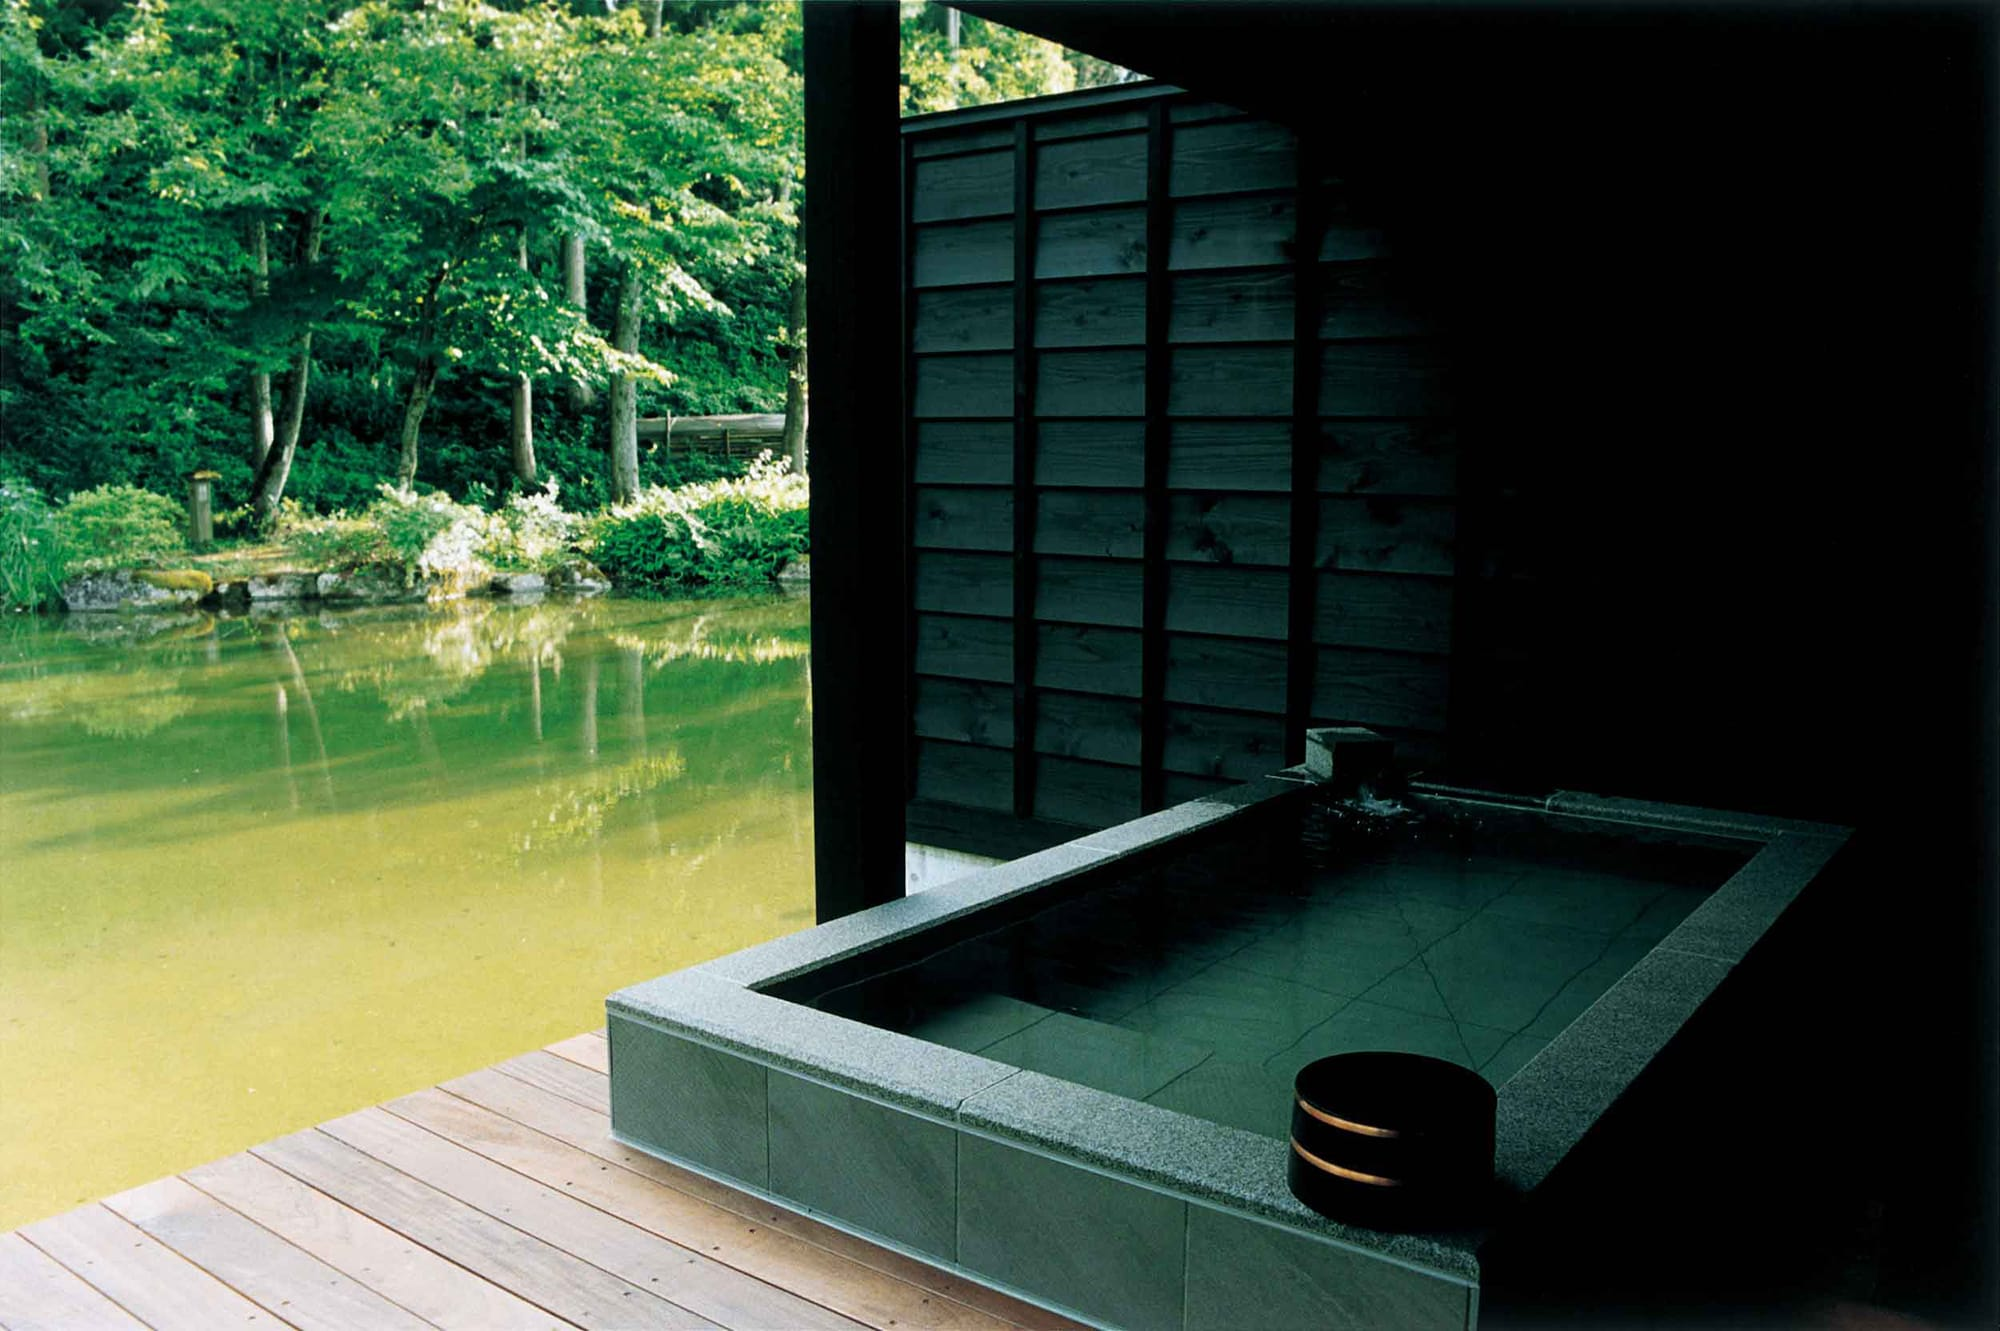 ヴィラスイートのテラスに設置された露天風呂。六日町温泉からひいたお湯を24時間掛け流している。